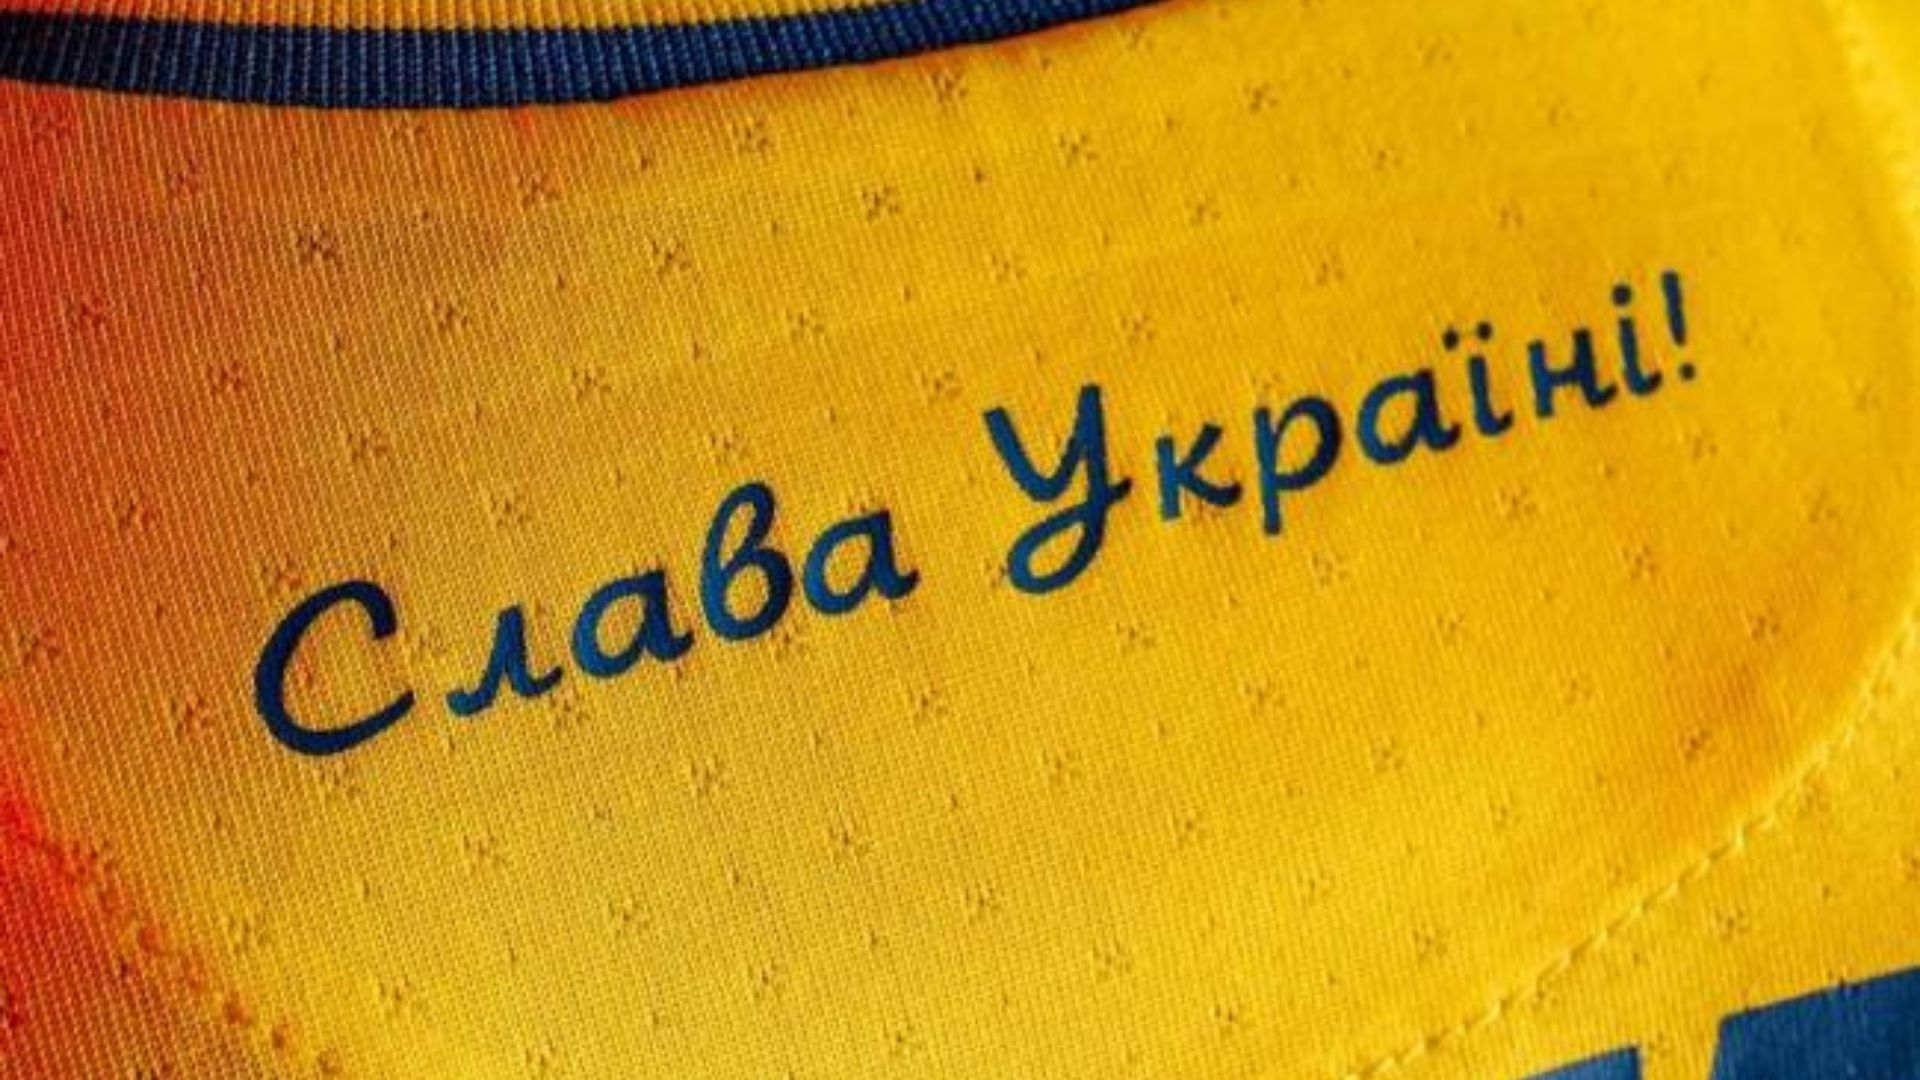 Frase polêmica da camisa da Ucrânia. Foto: Divulgação